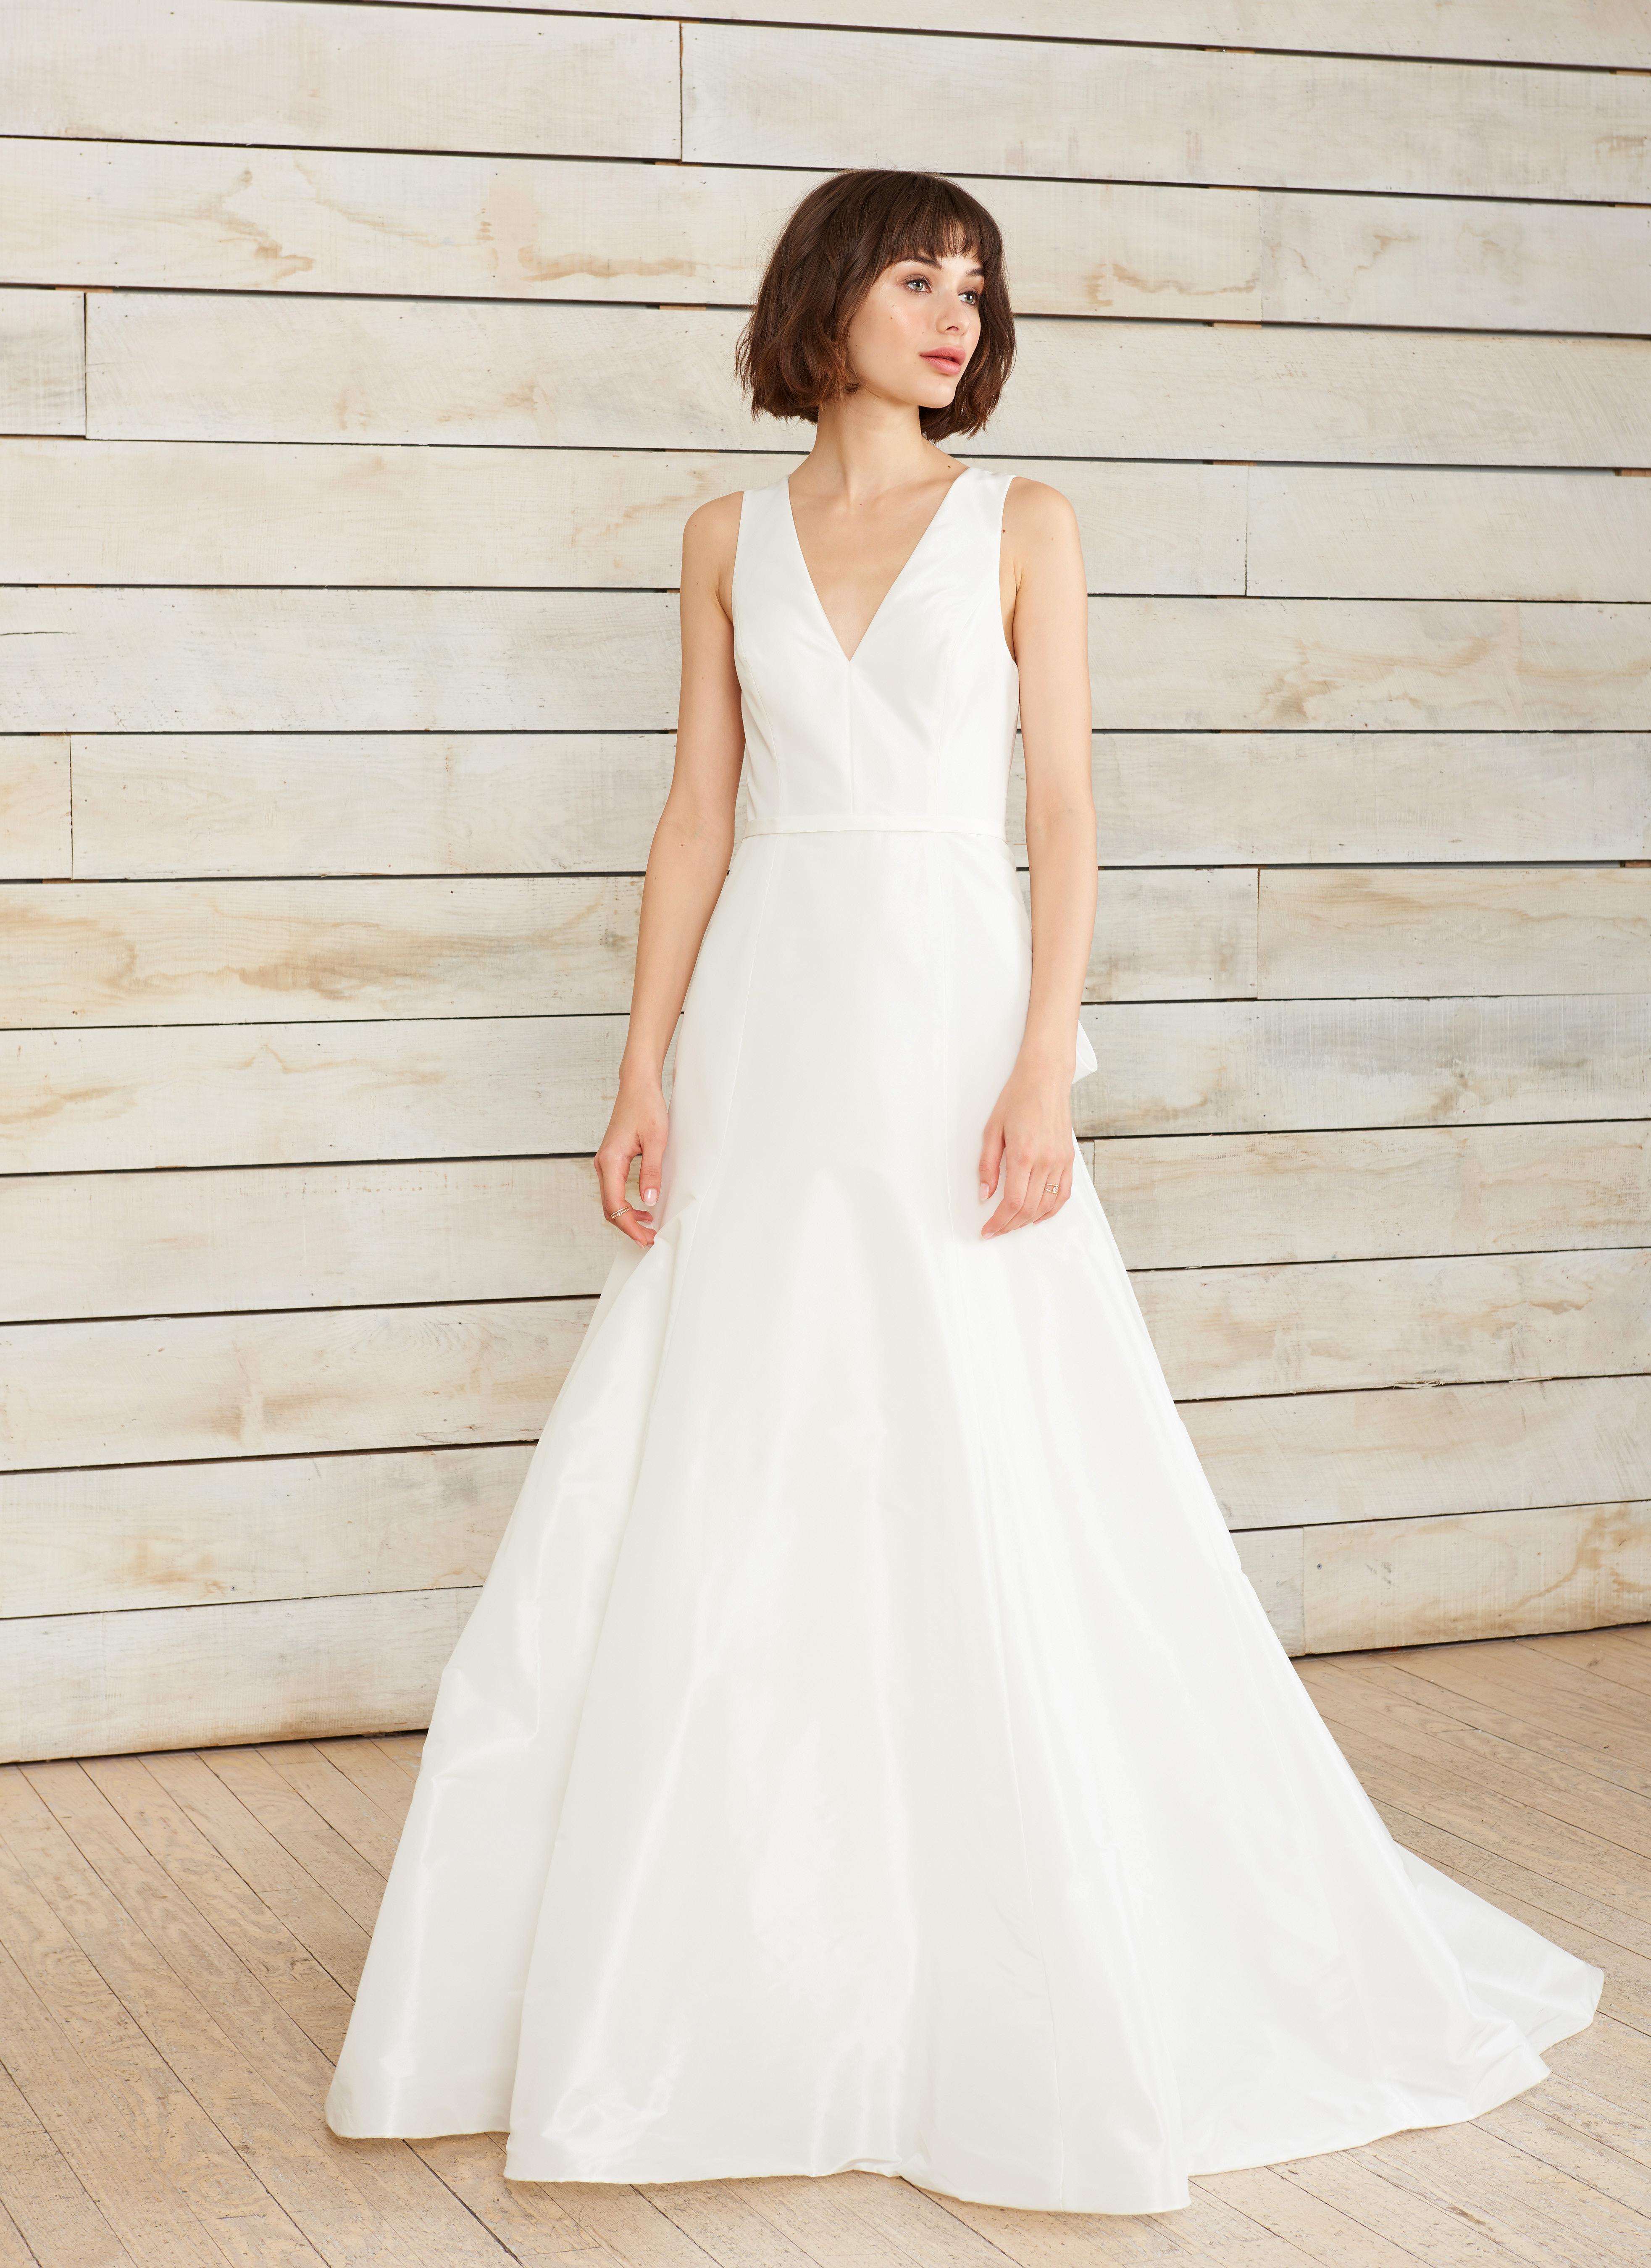 nouvelle amsale v-neck a-line wedding dress spring 2018